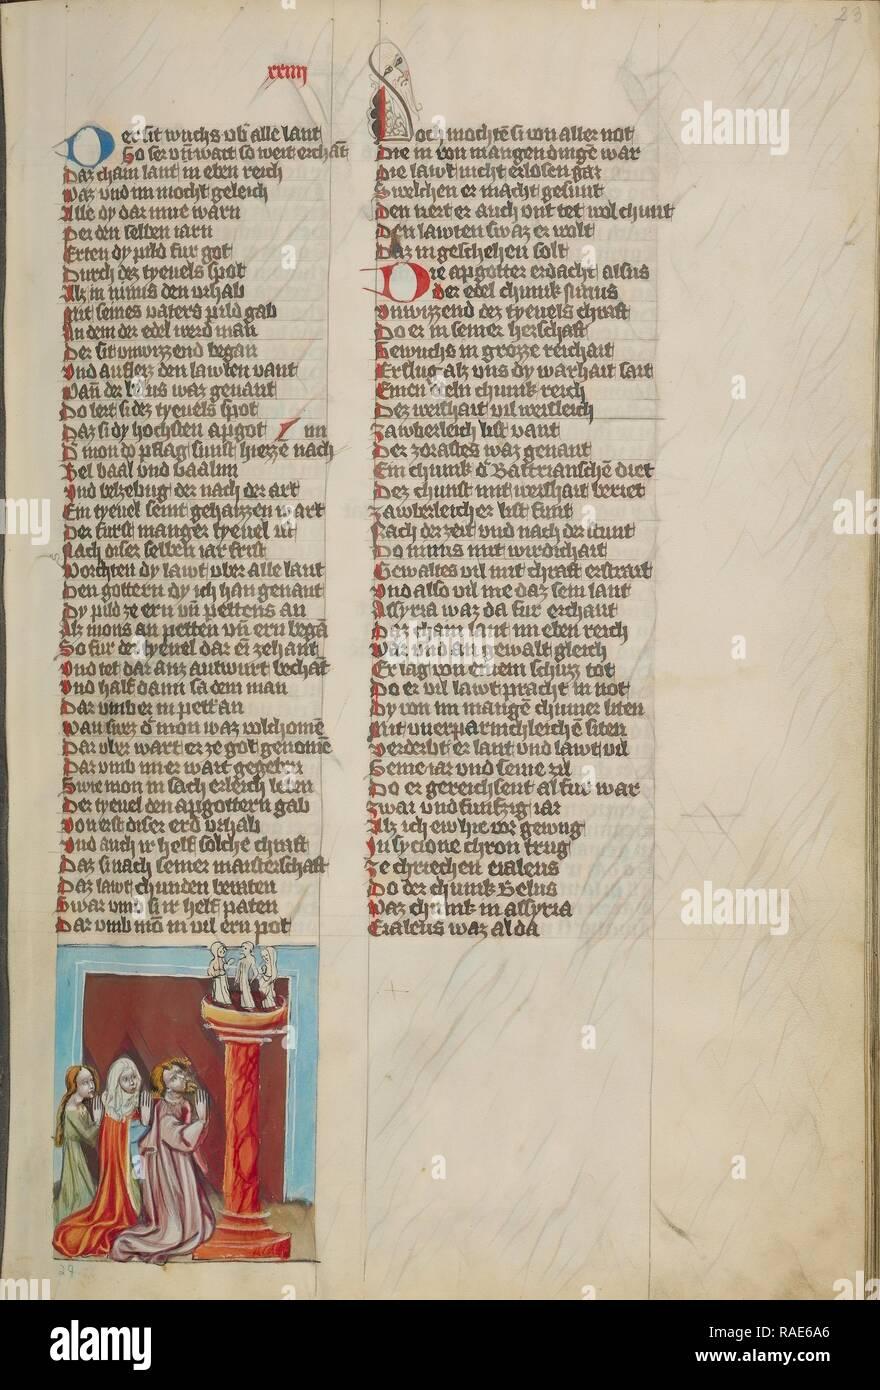 L'idolatria del Ninus, Regensburg, Baviera, Germania, circa 1400 - 1410, tempere, oro, vernice argento e inchiostro reinventato Foto Stock